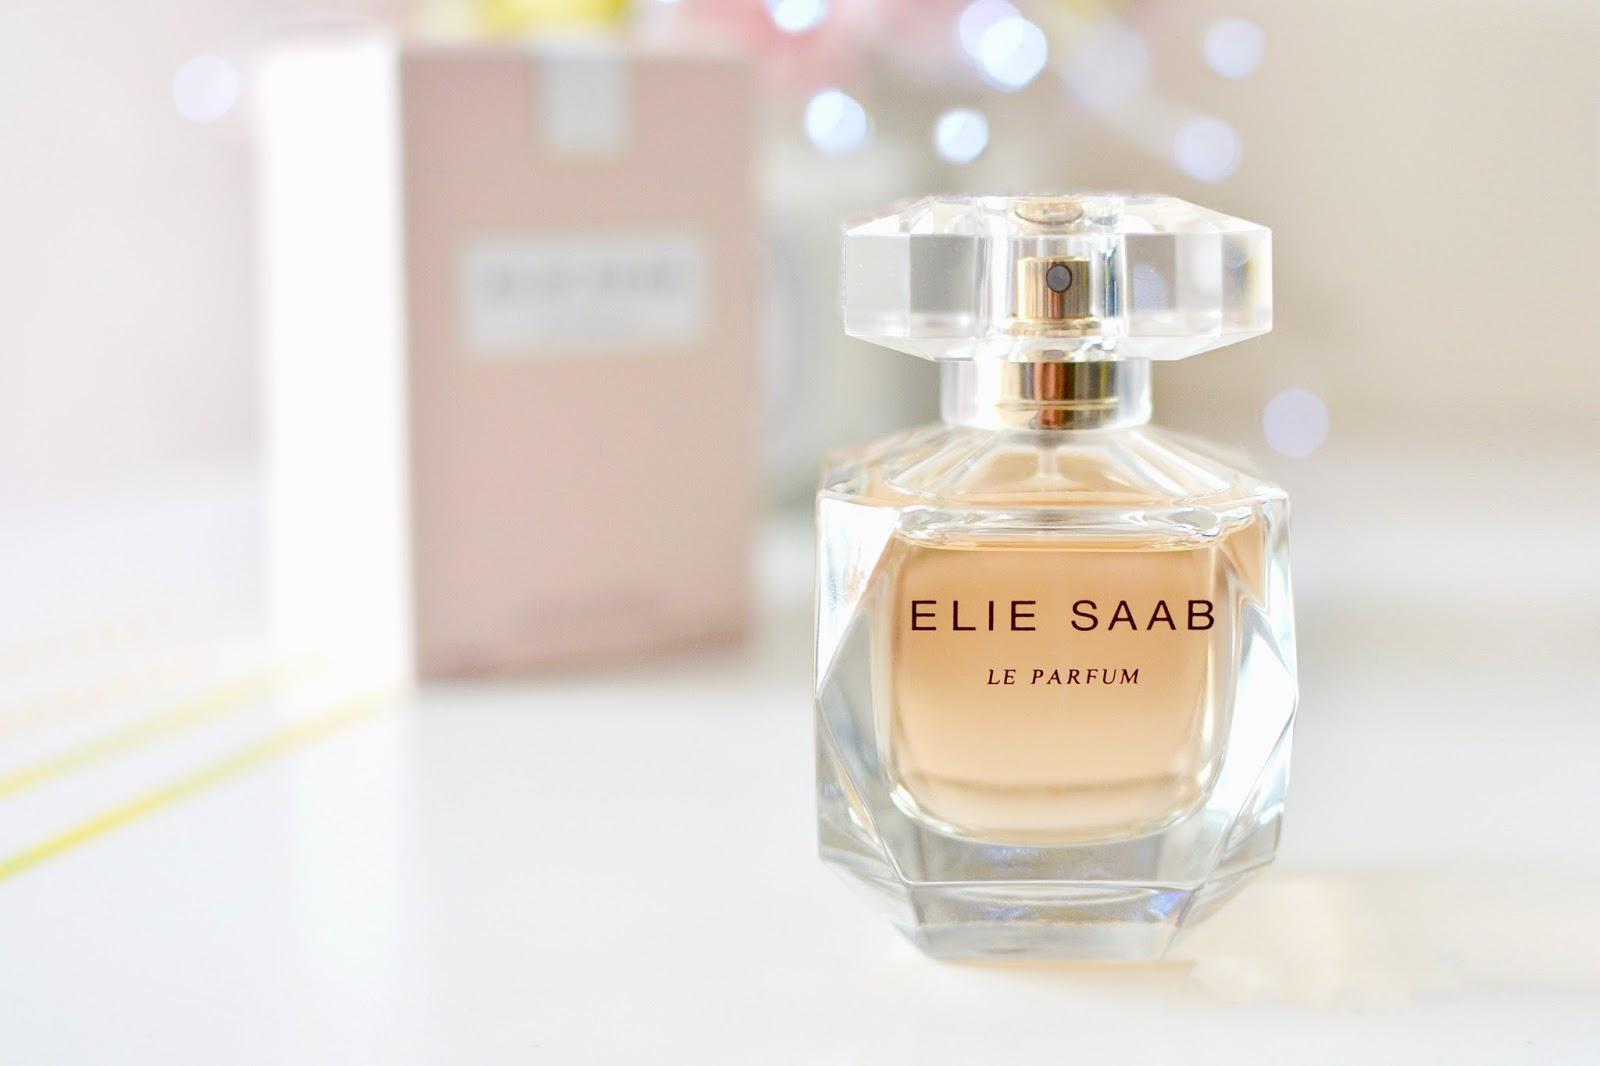 elie saab le parfum, elie saab le parfum review